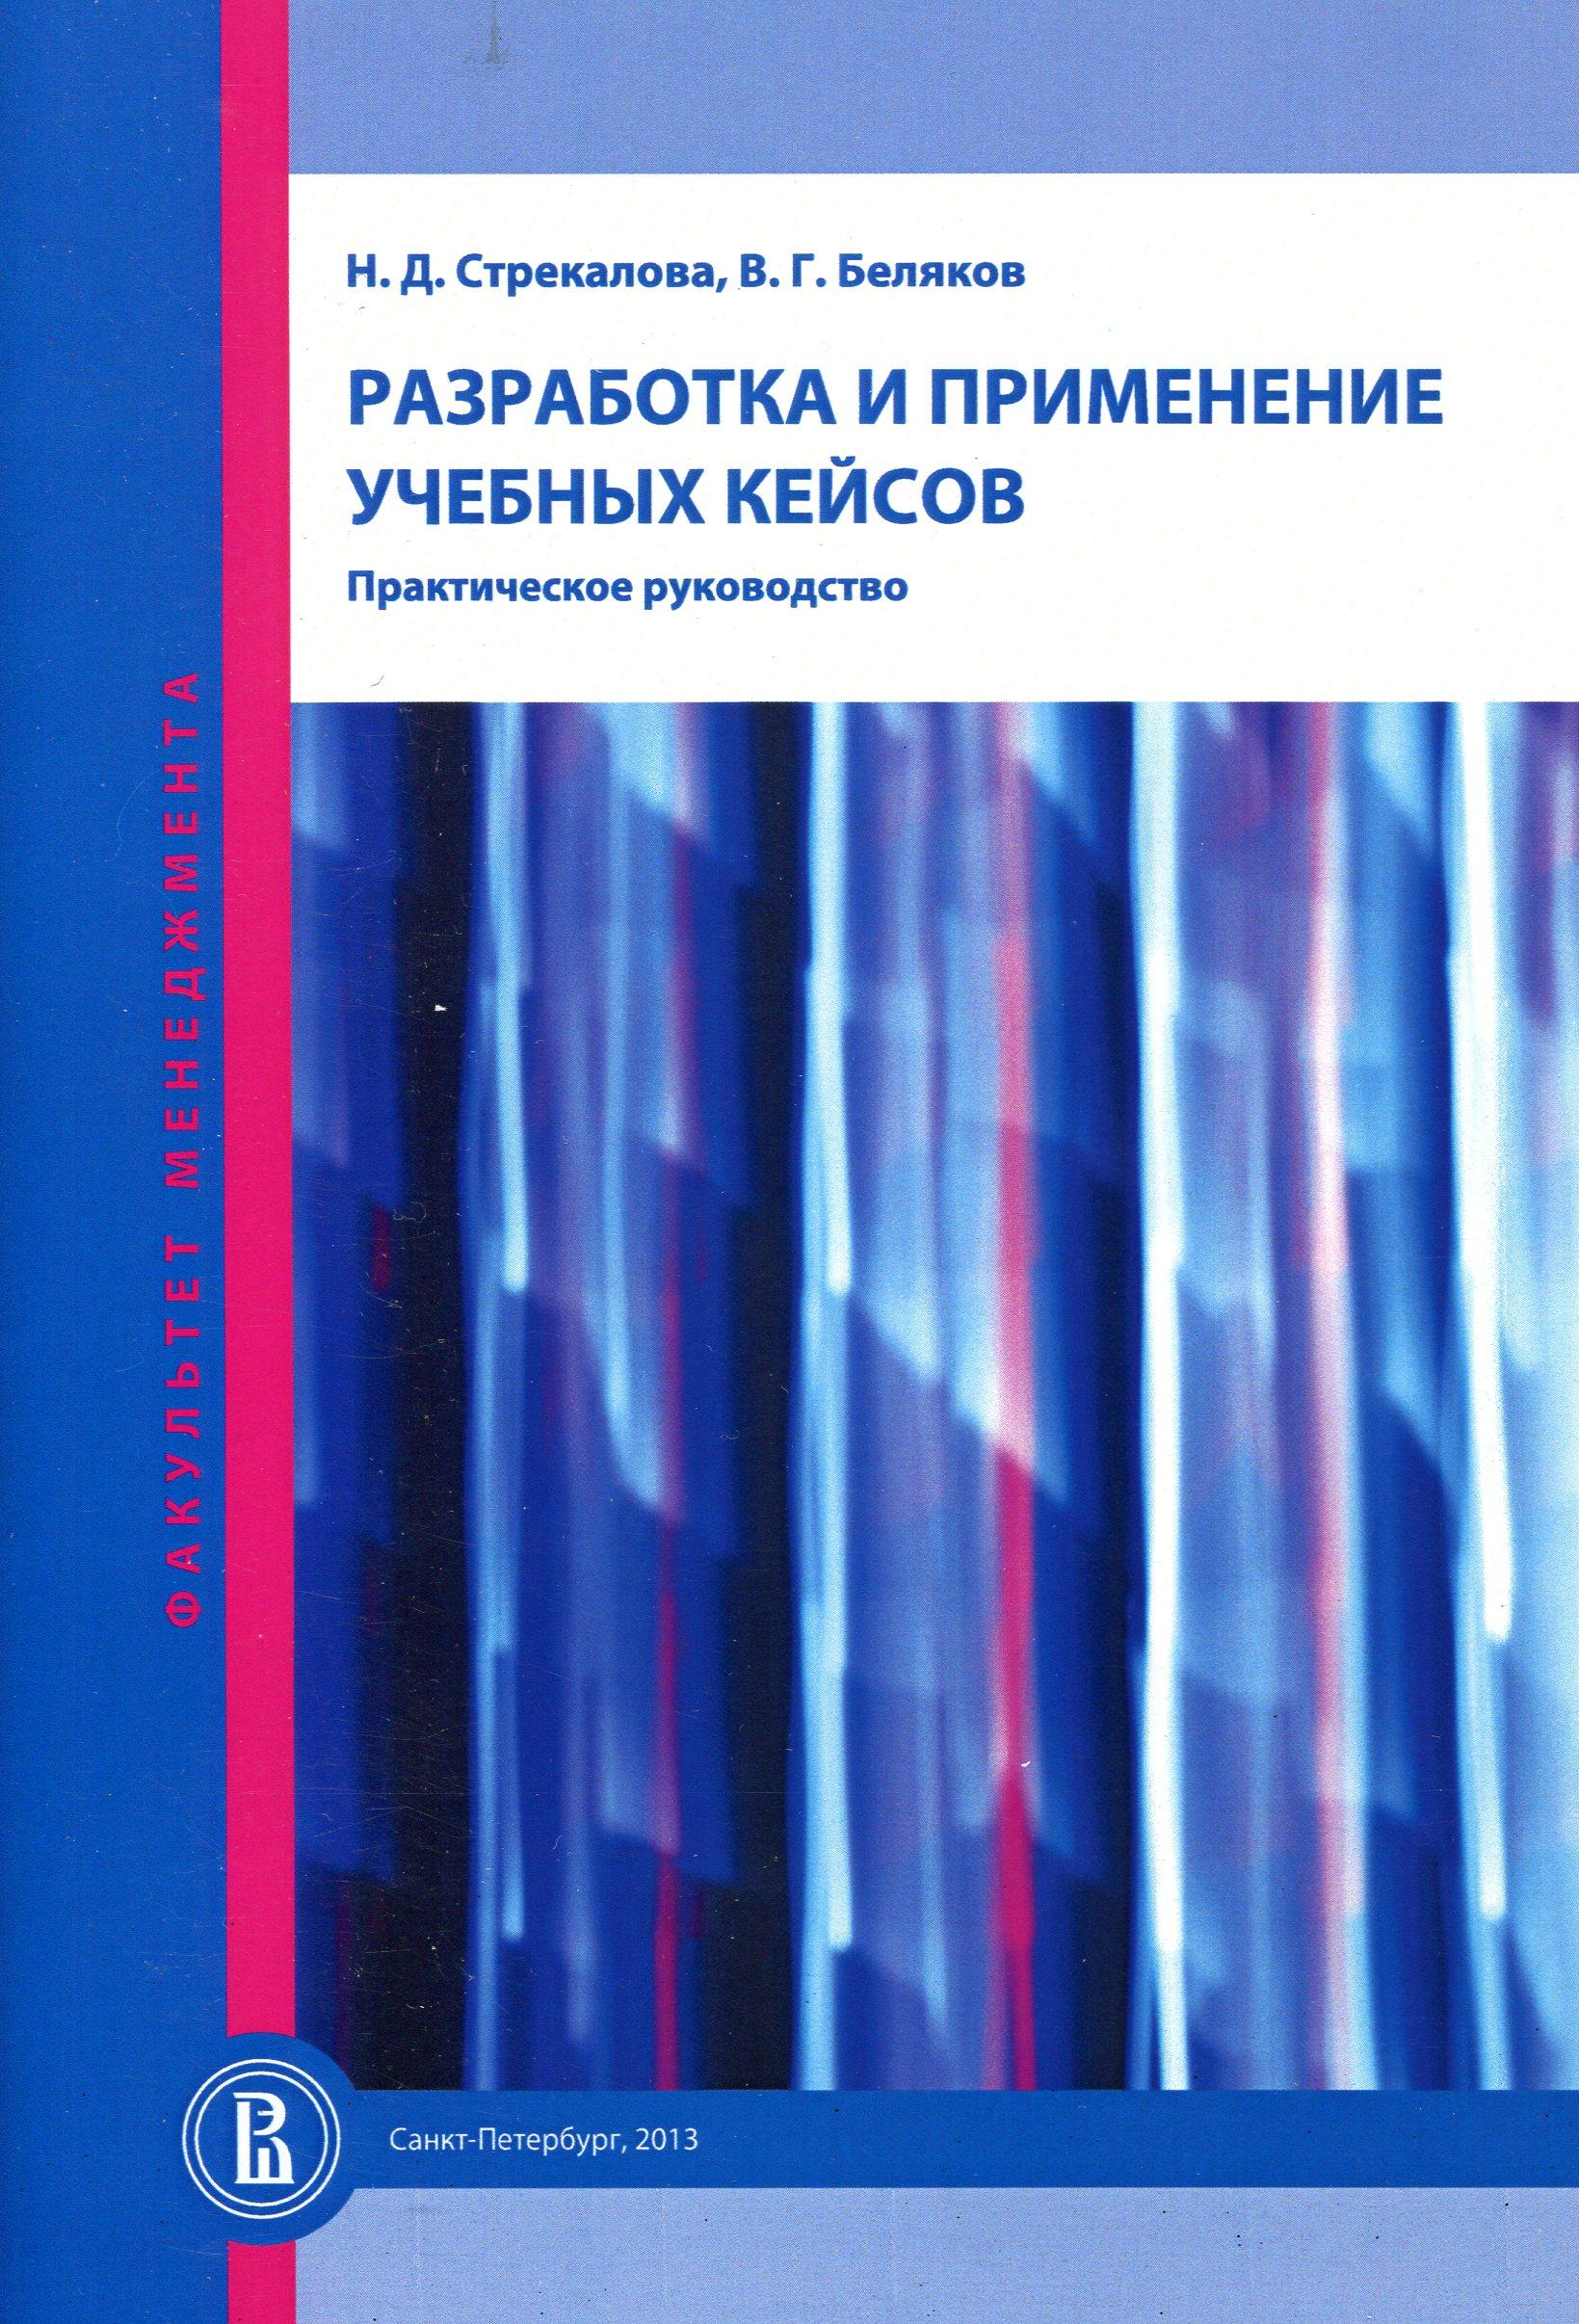 Раздел 1. Метод кейсов, Раздел 2. Исследовательский процесс, Раздел 3. Разработка и написание учебного кейса, Раздел 4. Разработка методического руководства для преподавателей (Teaching notes)